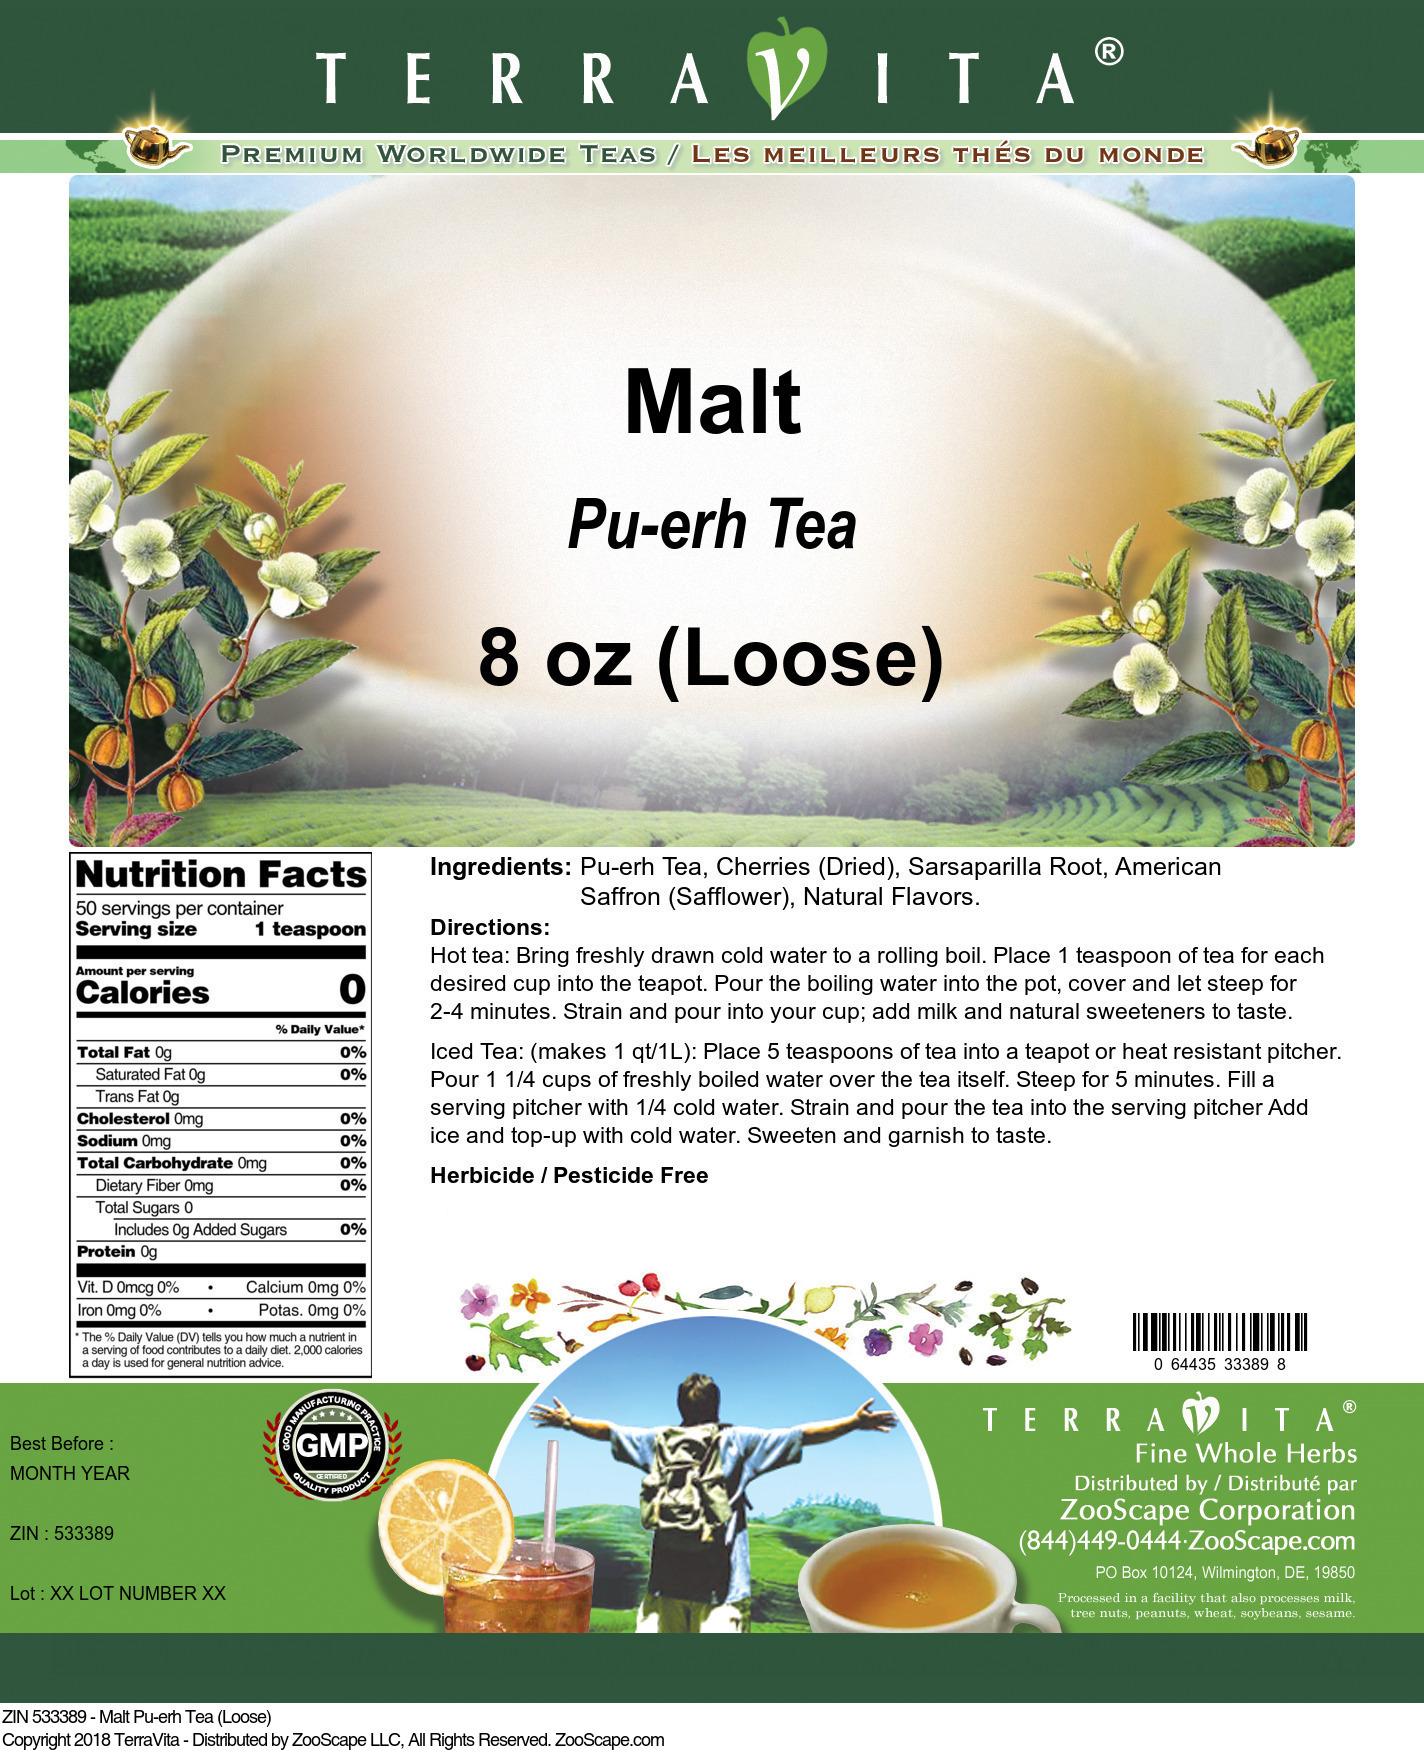 Malt Pu-erh Tea (Loose)